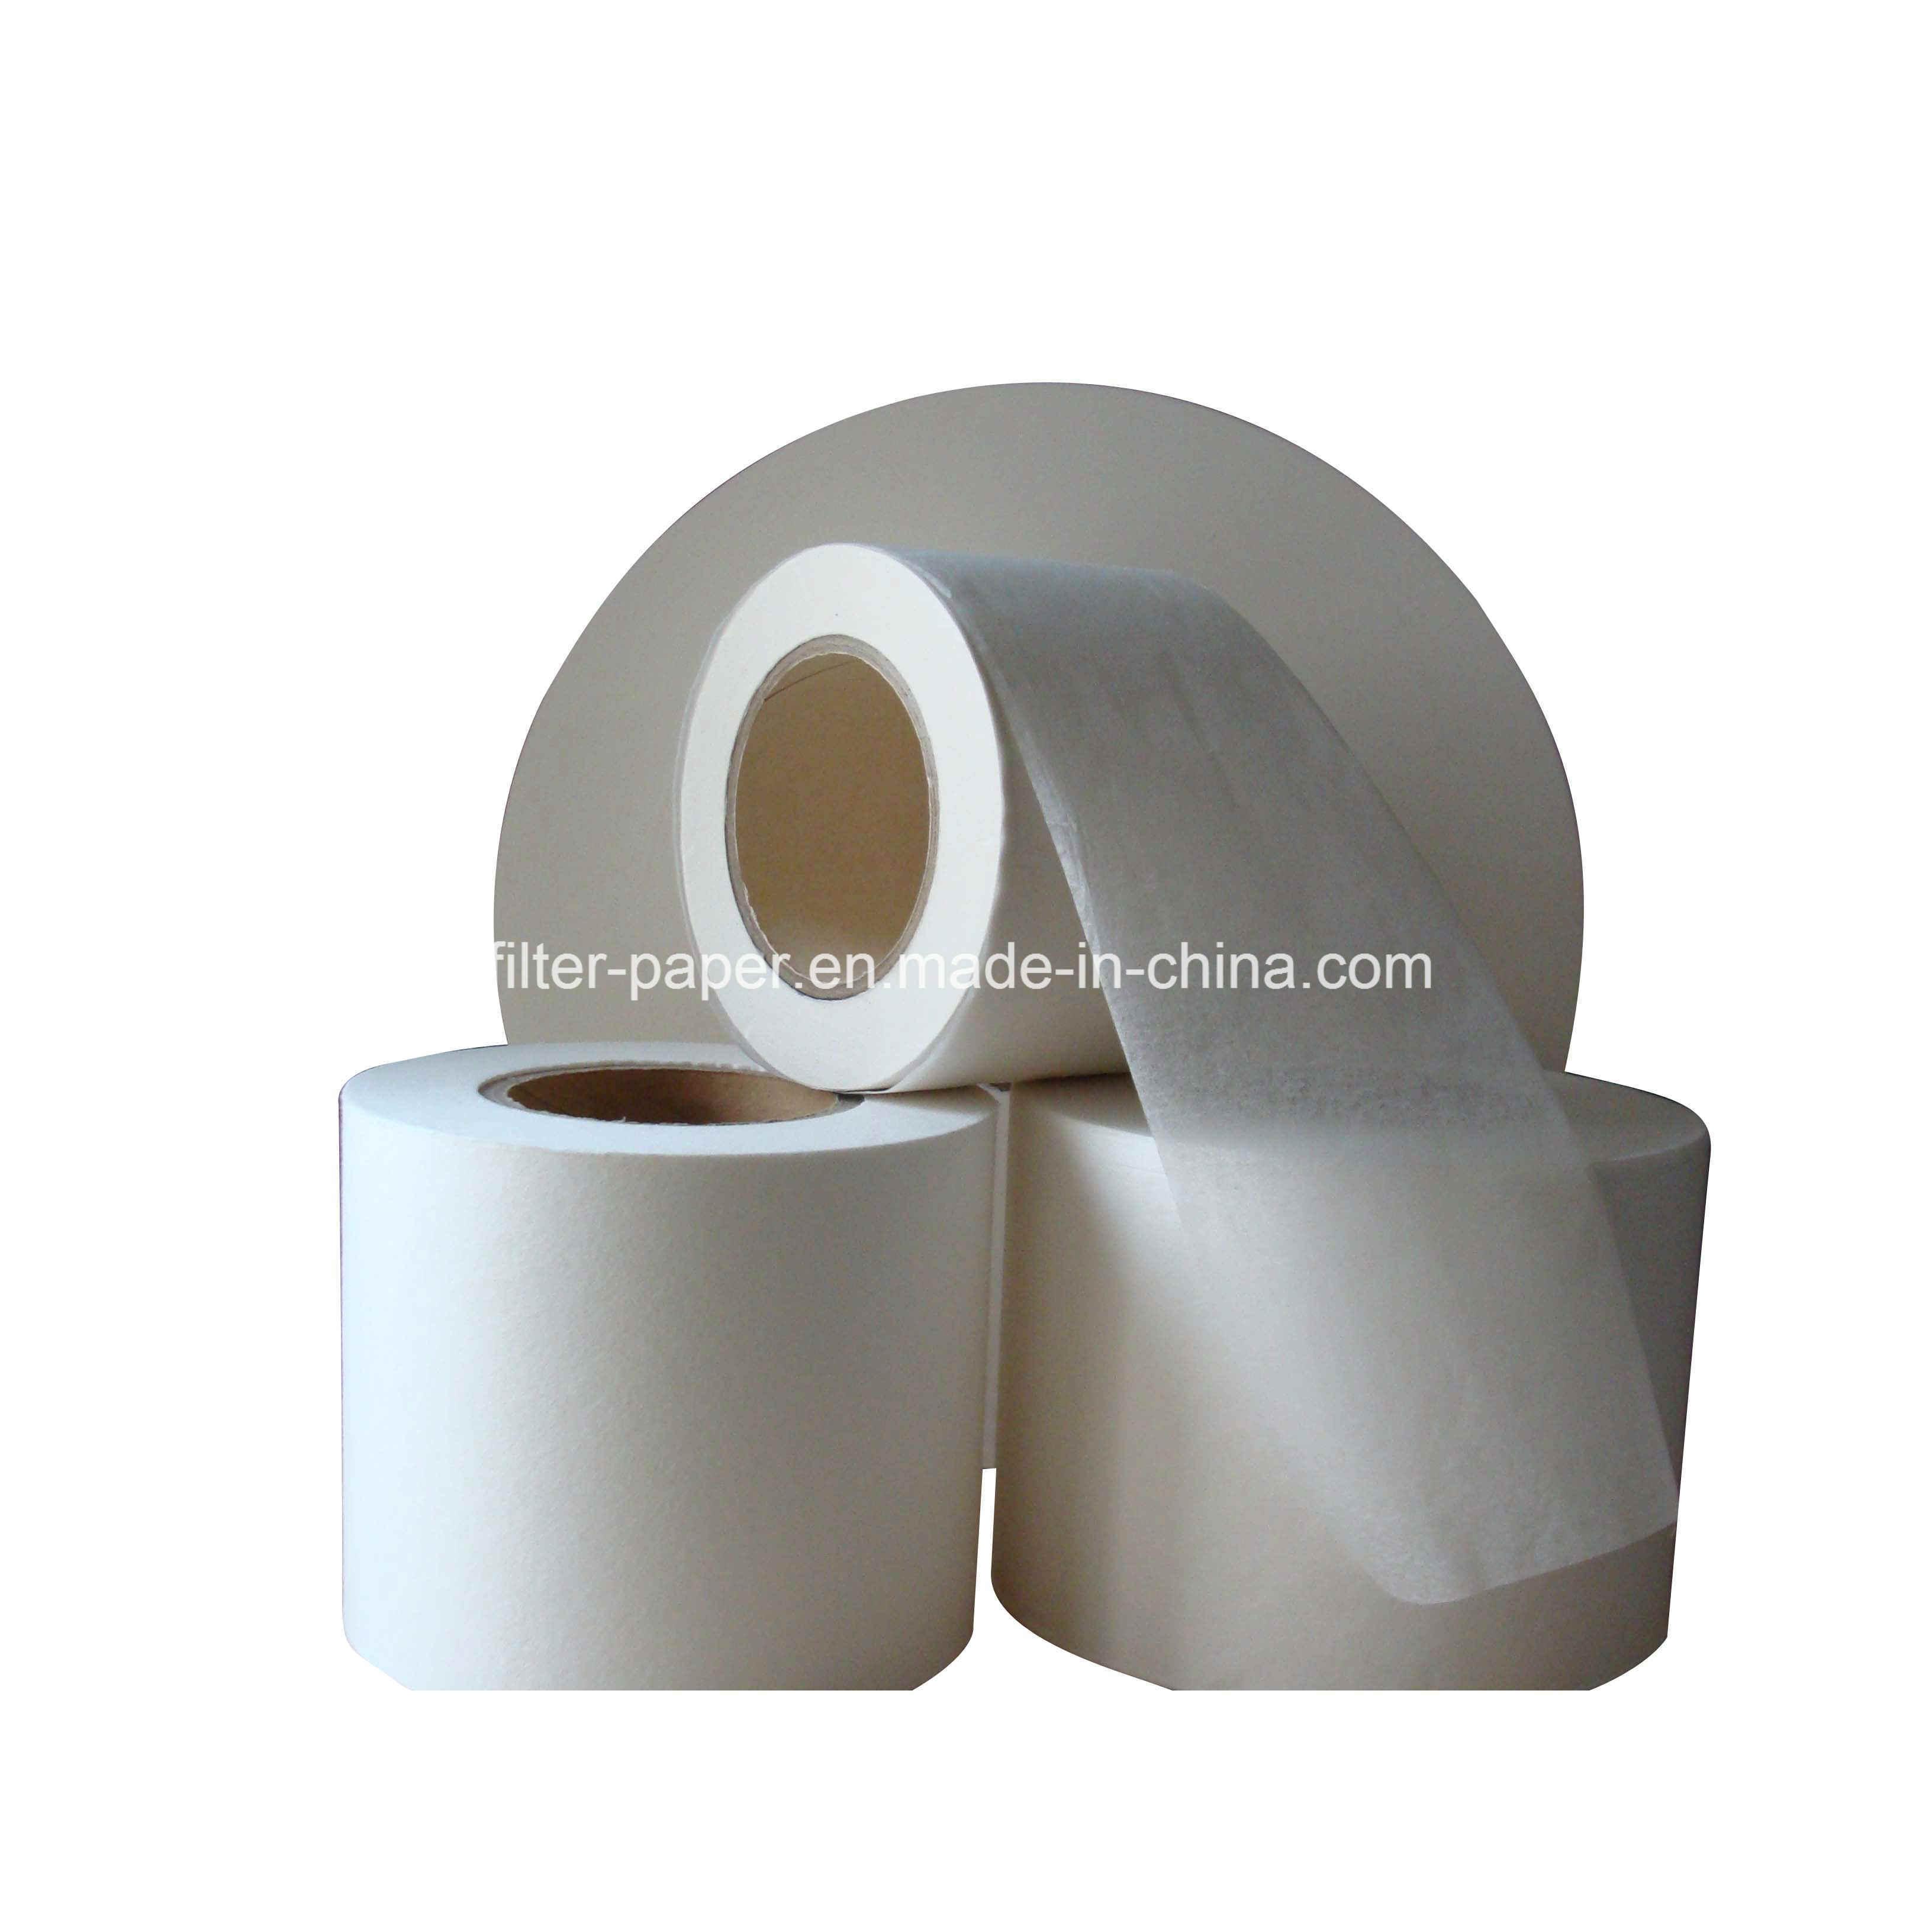 Heat Seal Tea Bag Filter Paper for Individual Tea Bags